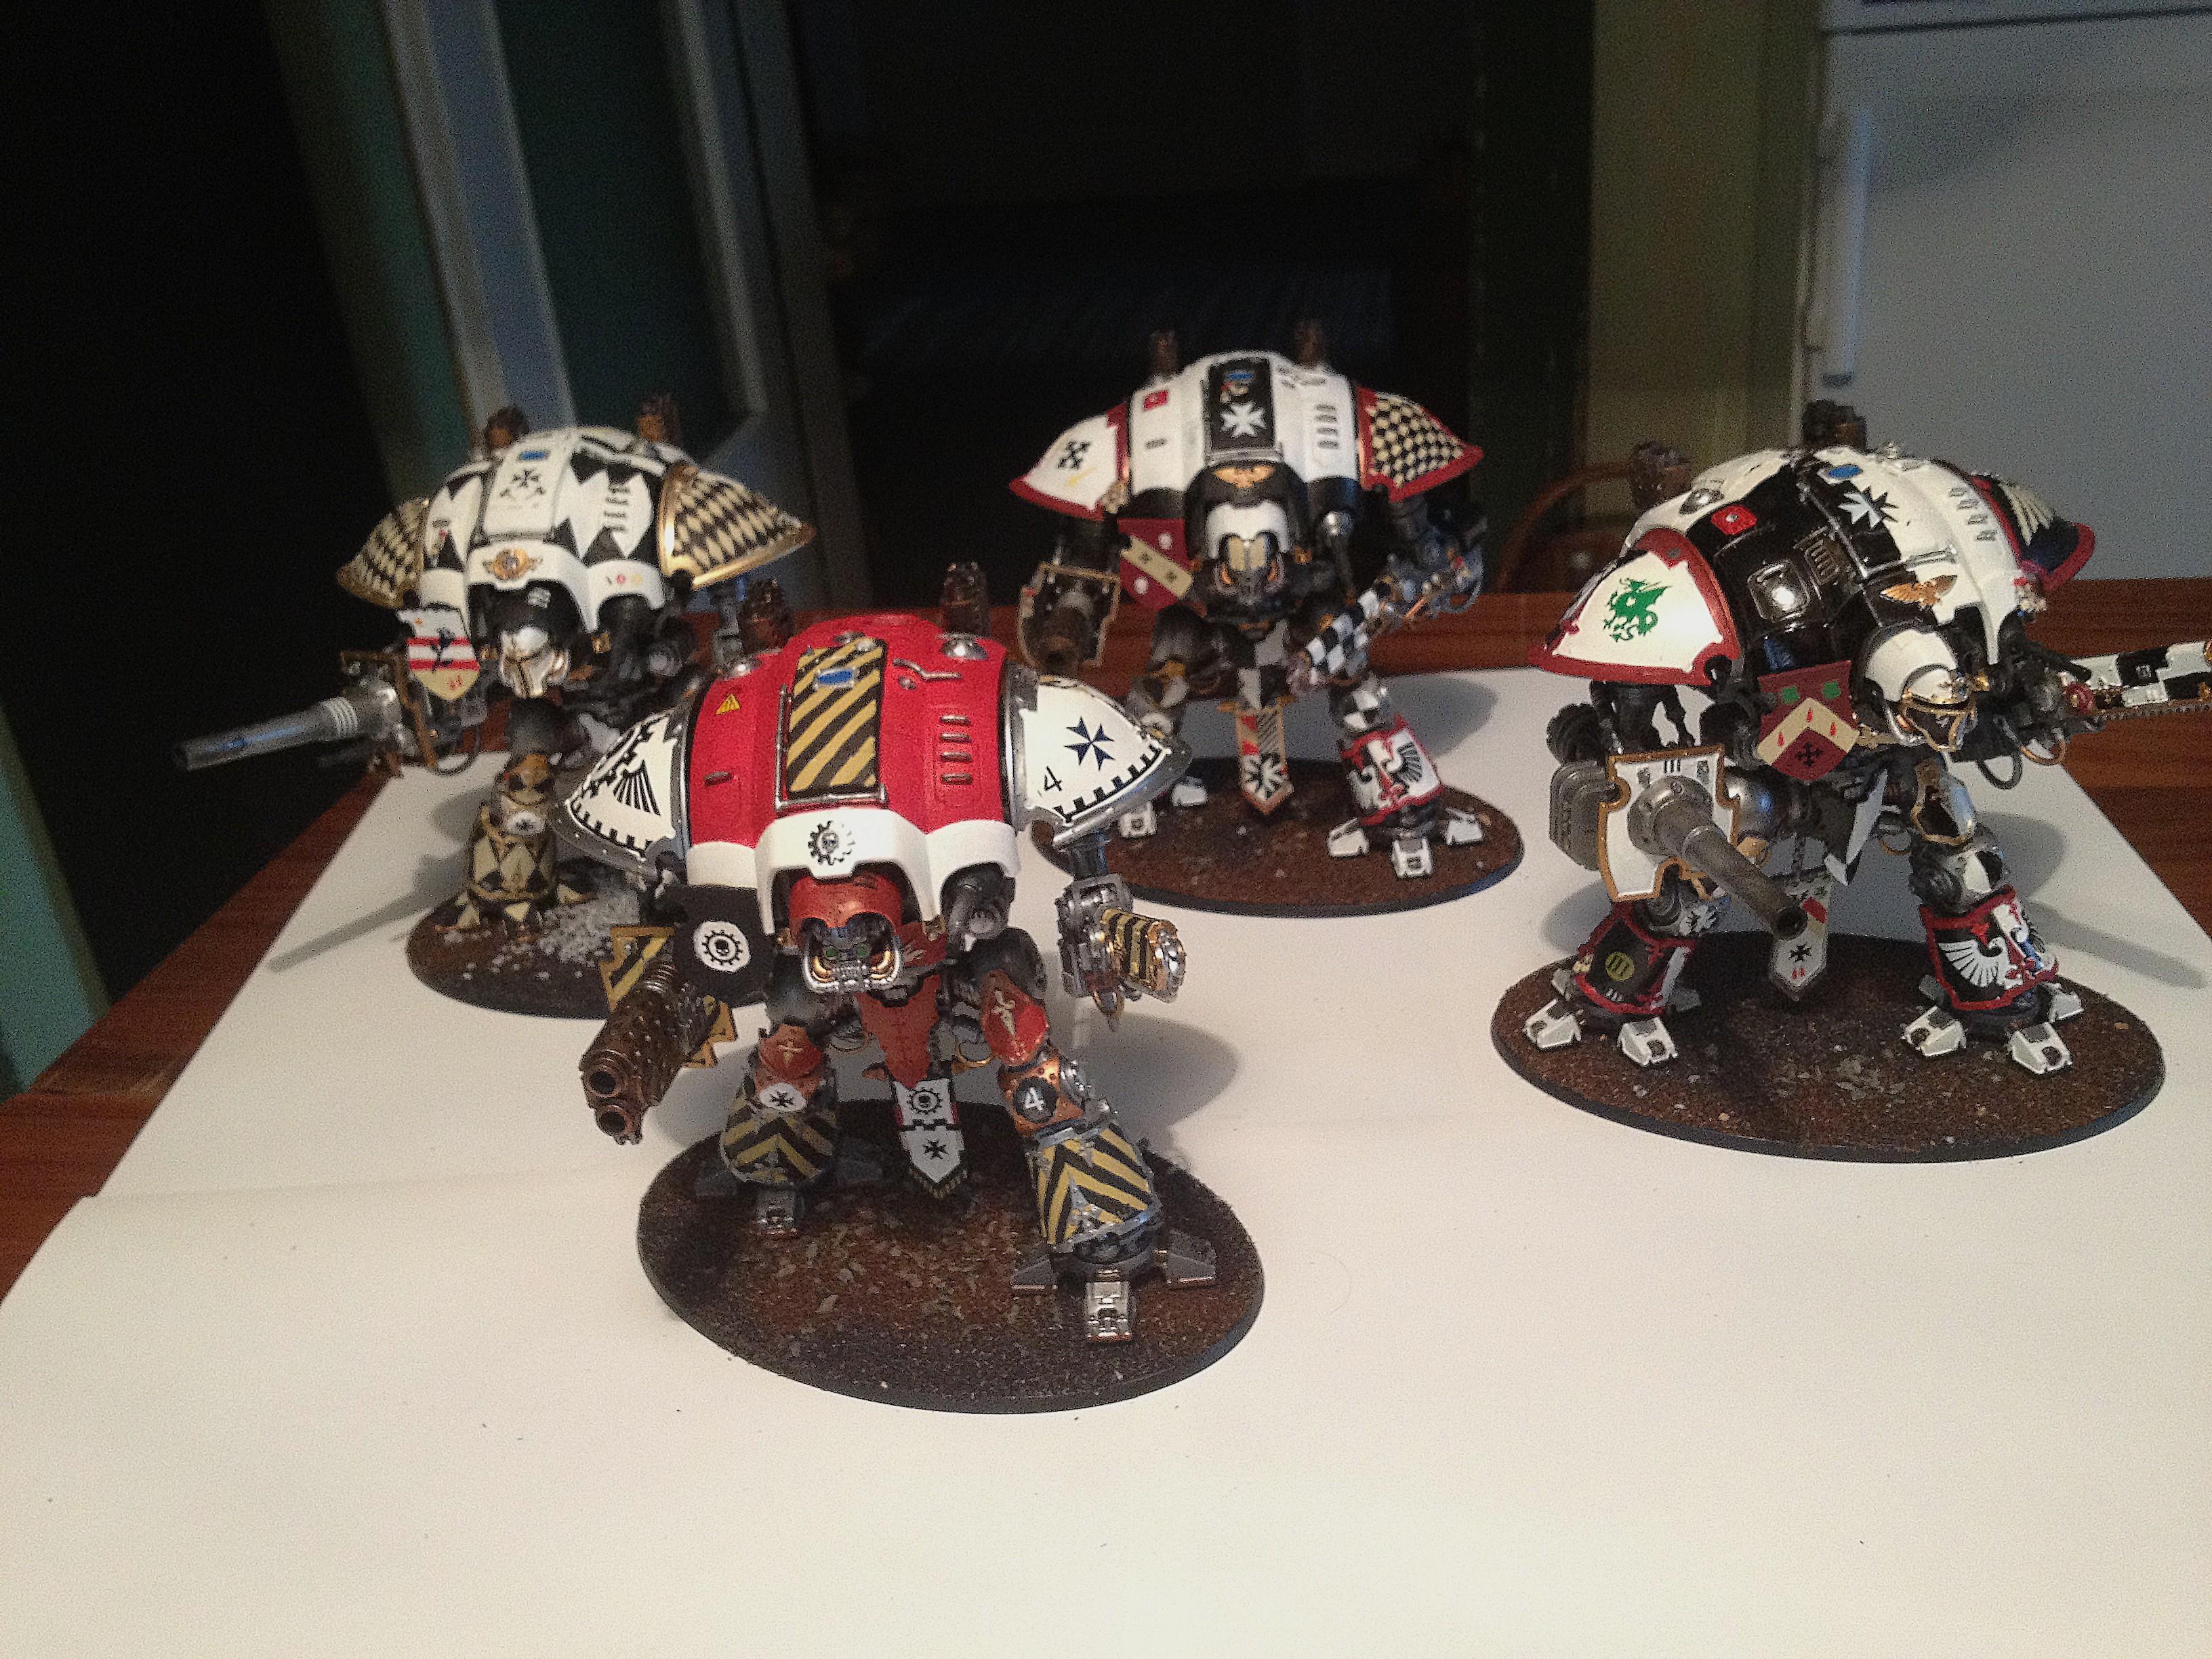 Iimperial Knights, Warhammer 40,000